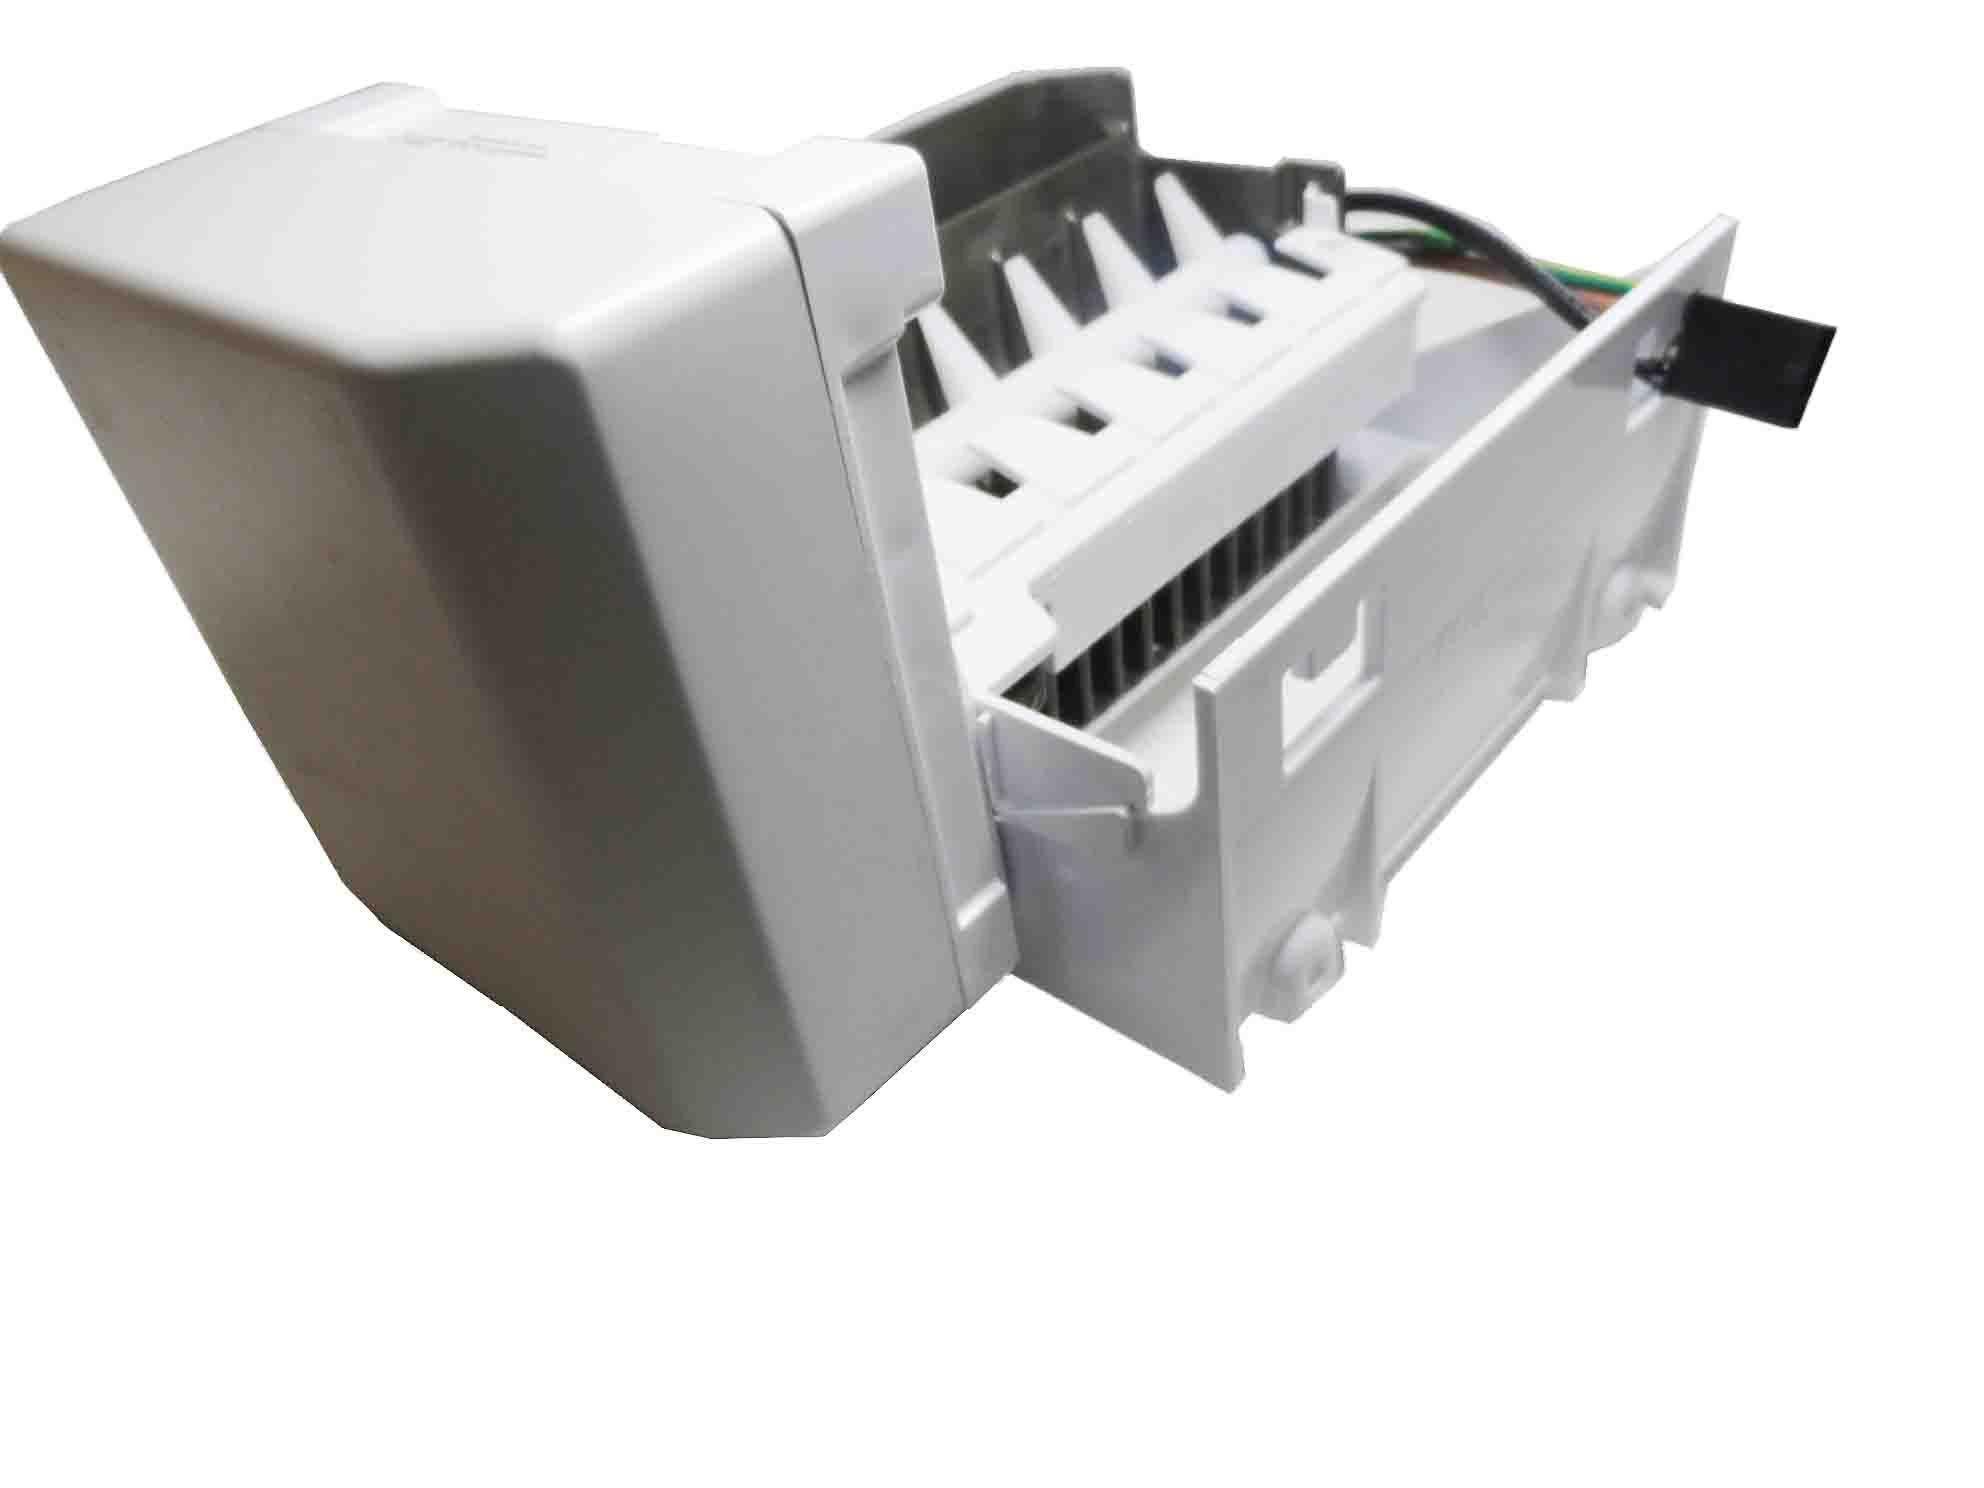 Conjunto Fabricador Gelo Refrigerador 220V Side By Side Brastemp W10122580